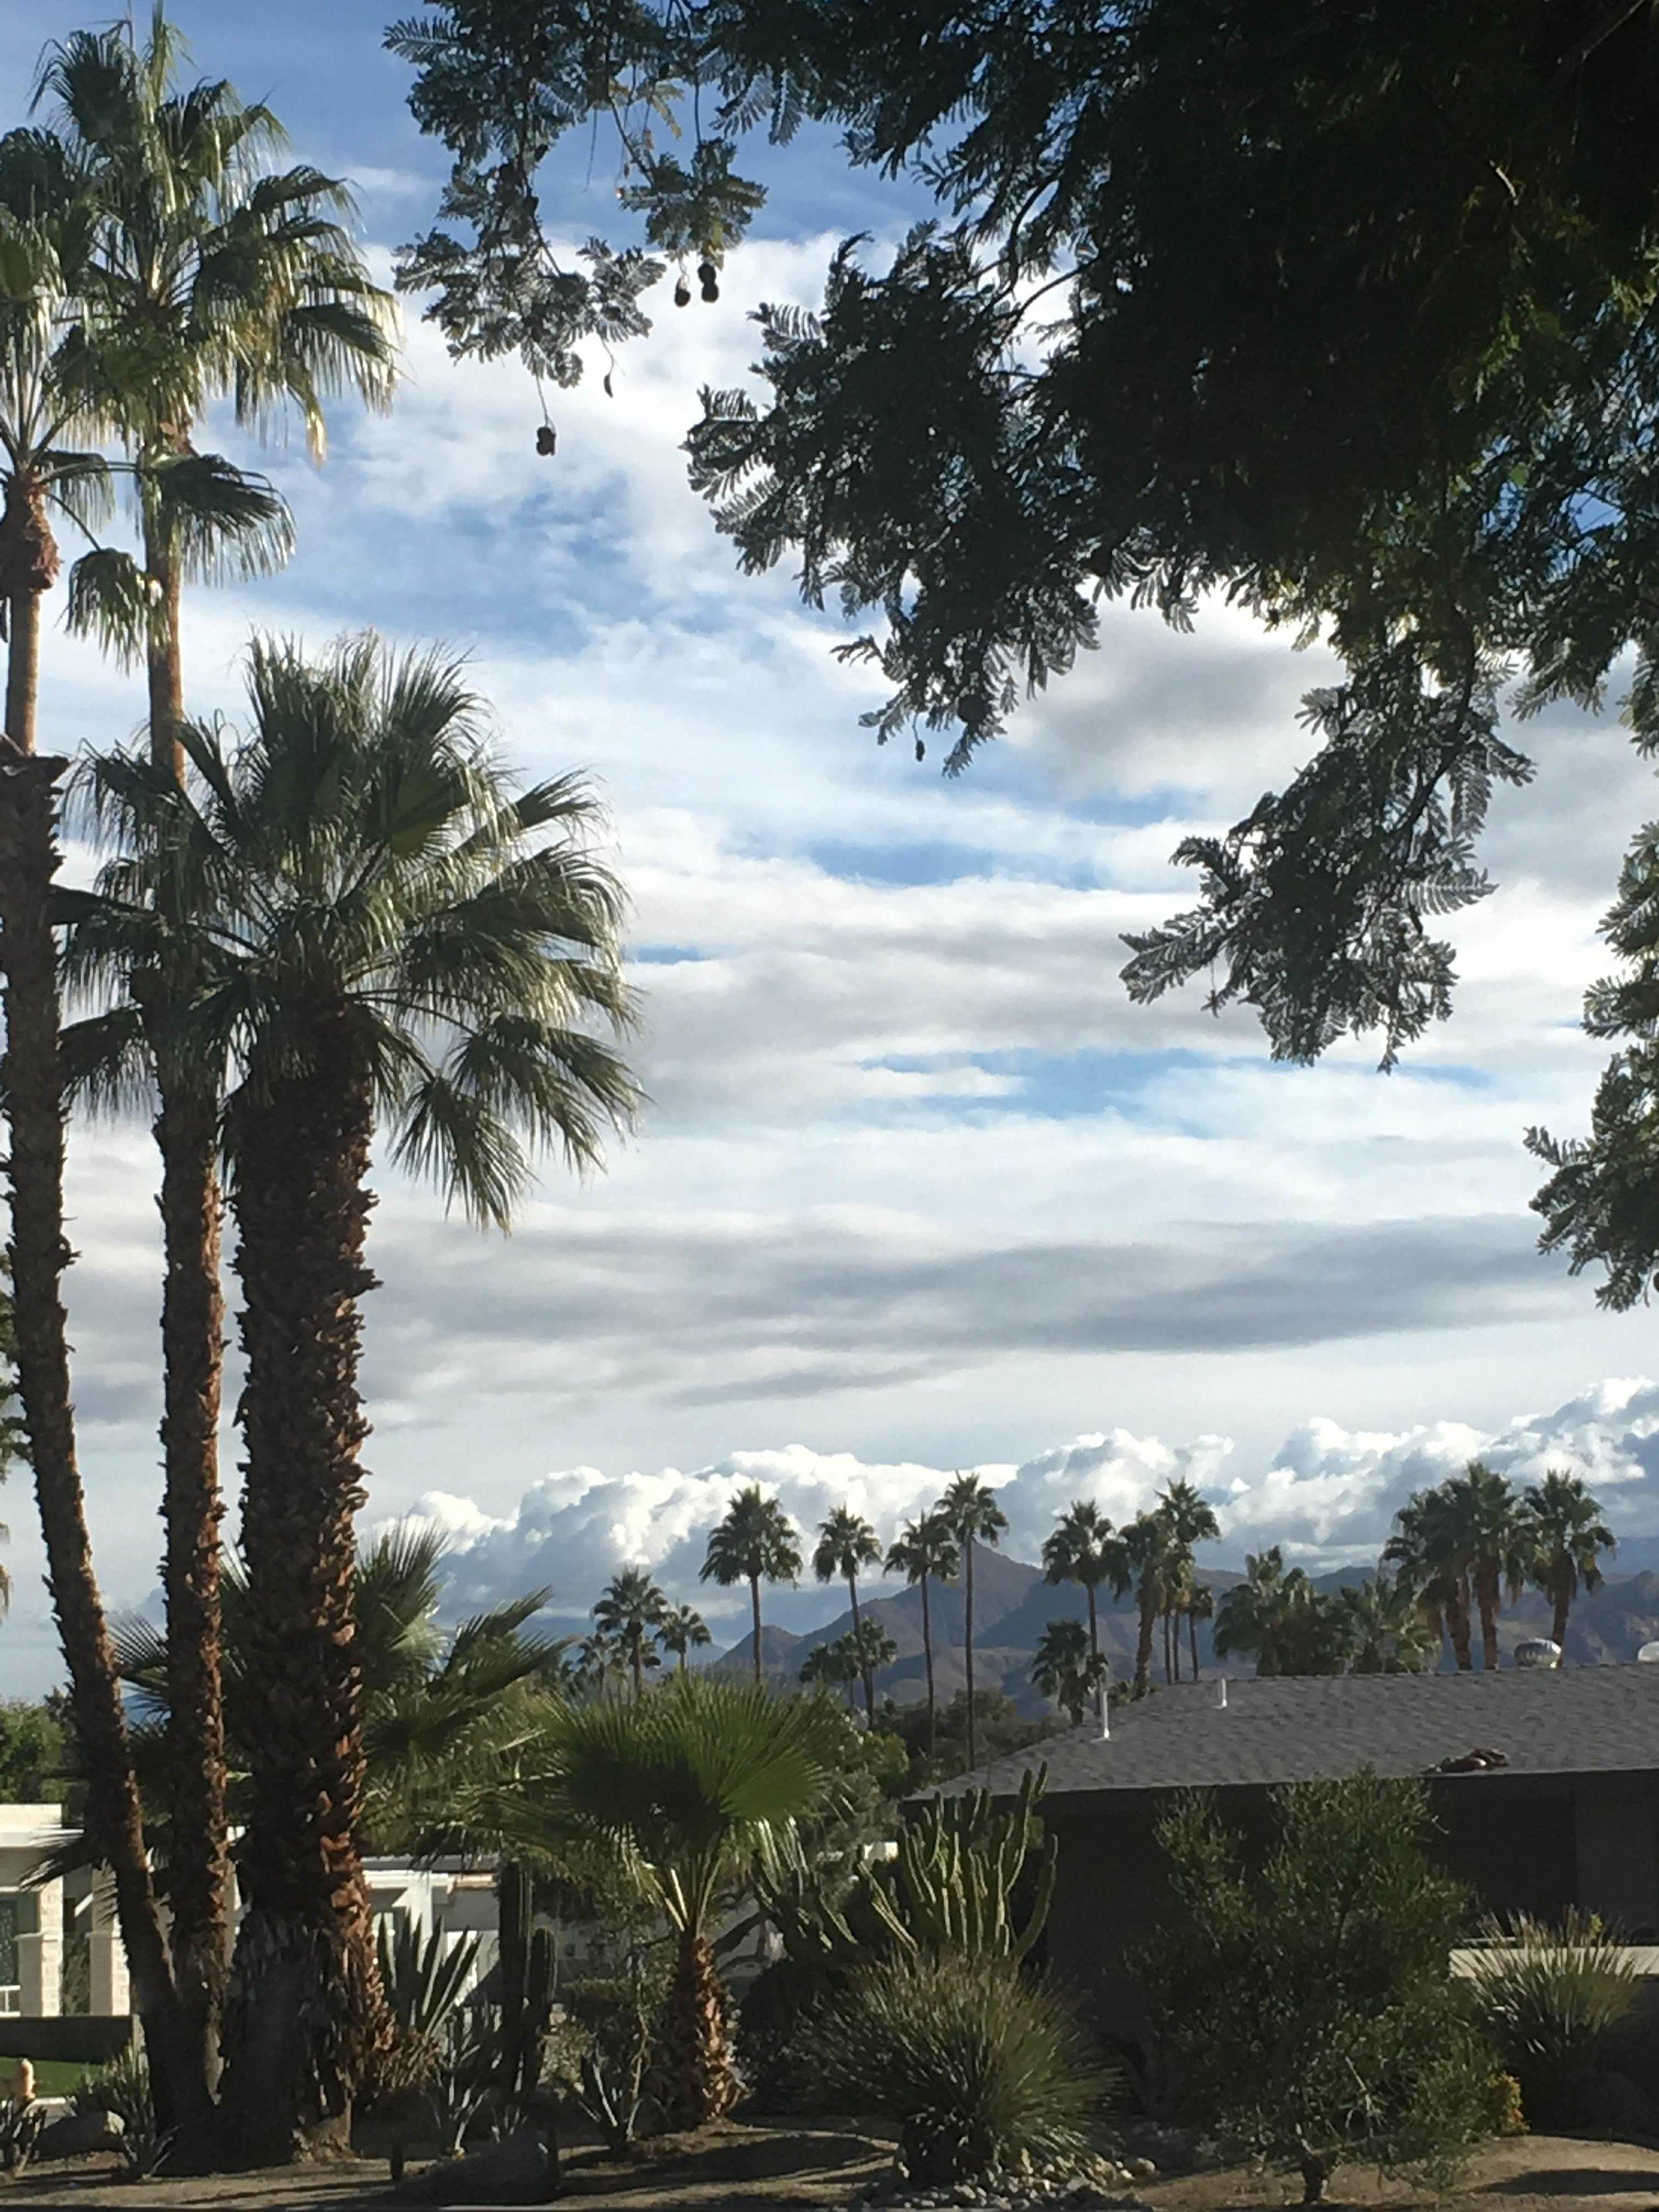 Desert Christmas in Palm Springs